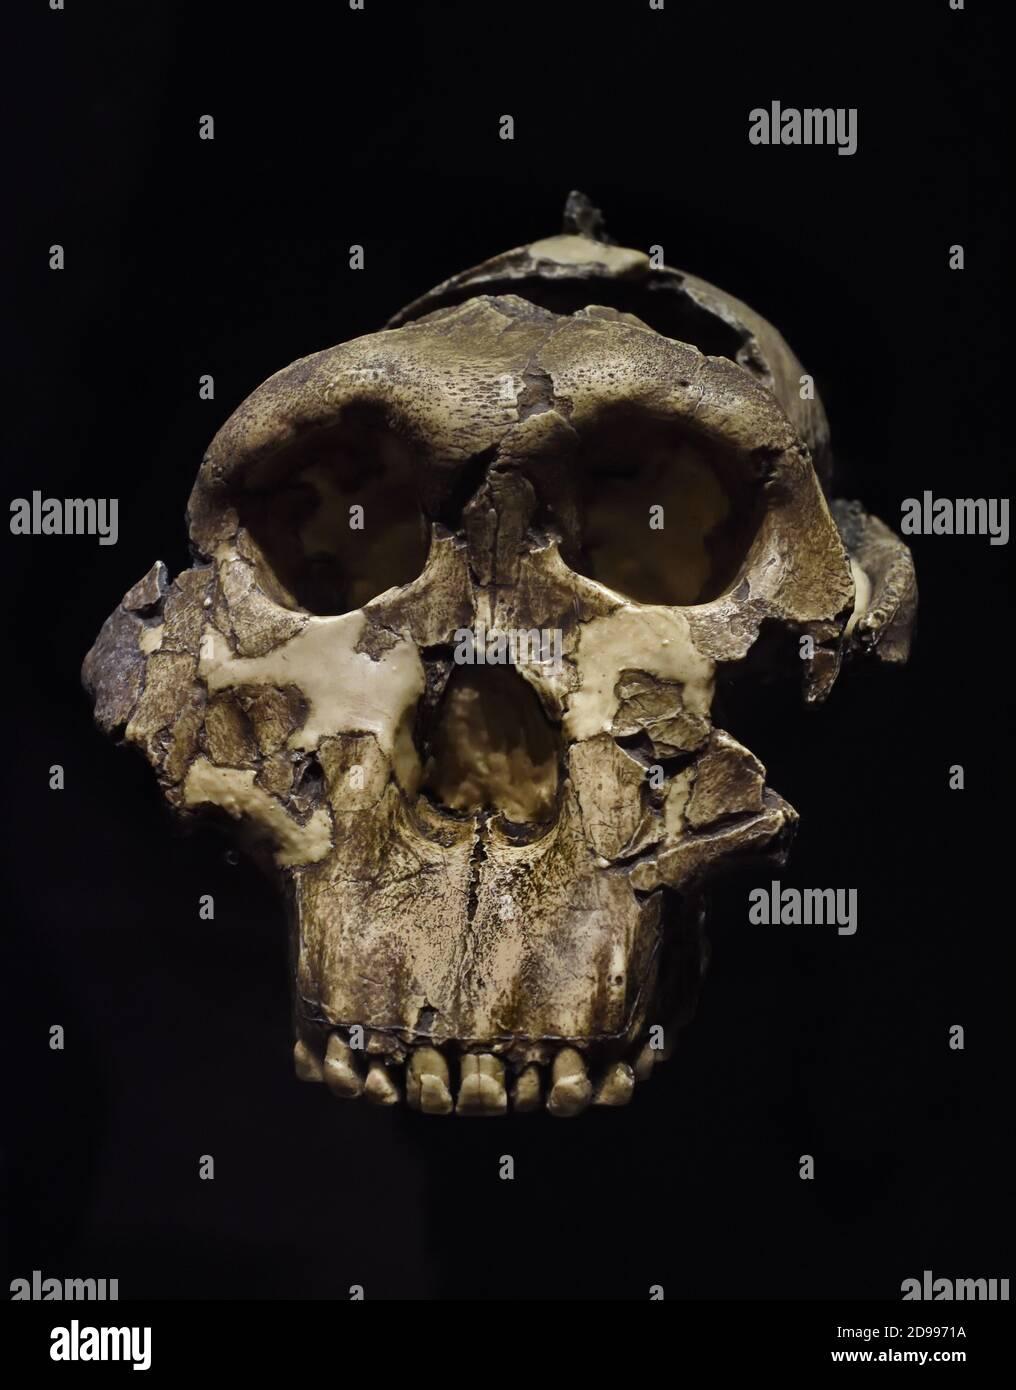 Reproducción de un cráneo de Paranthropus boisei, llamado Querido Niño. 1,8 millones de años. Desde Olduvai Gorge, Tanzania. Museo Arqueológico Nacional. Madrid. España África Foto de stock